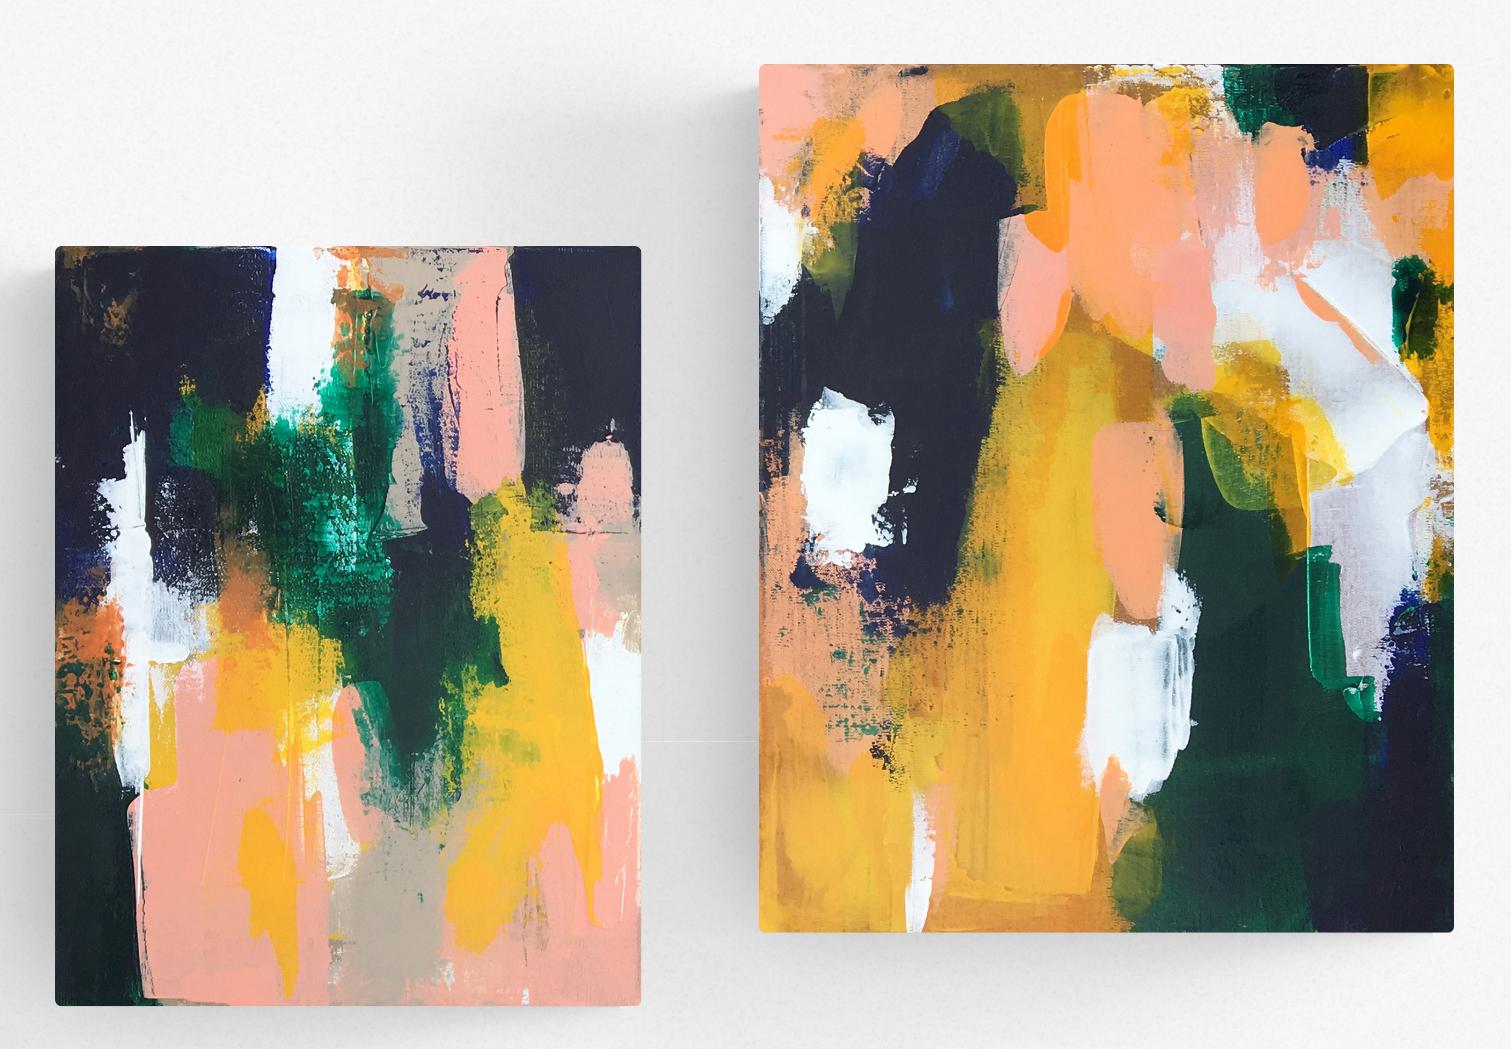 Brush - Tableaux déco Peintures acrylique sur toiles 27x35cm et 32x41cm